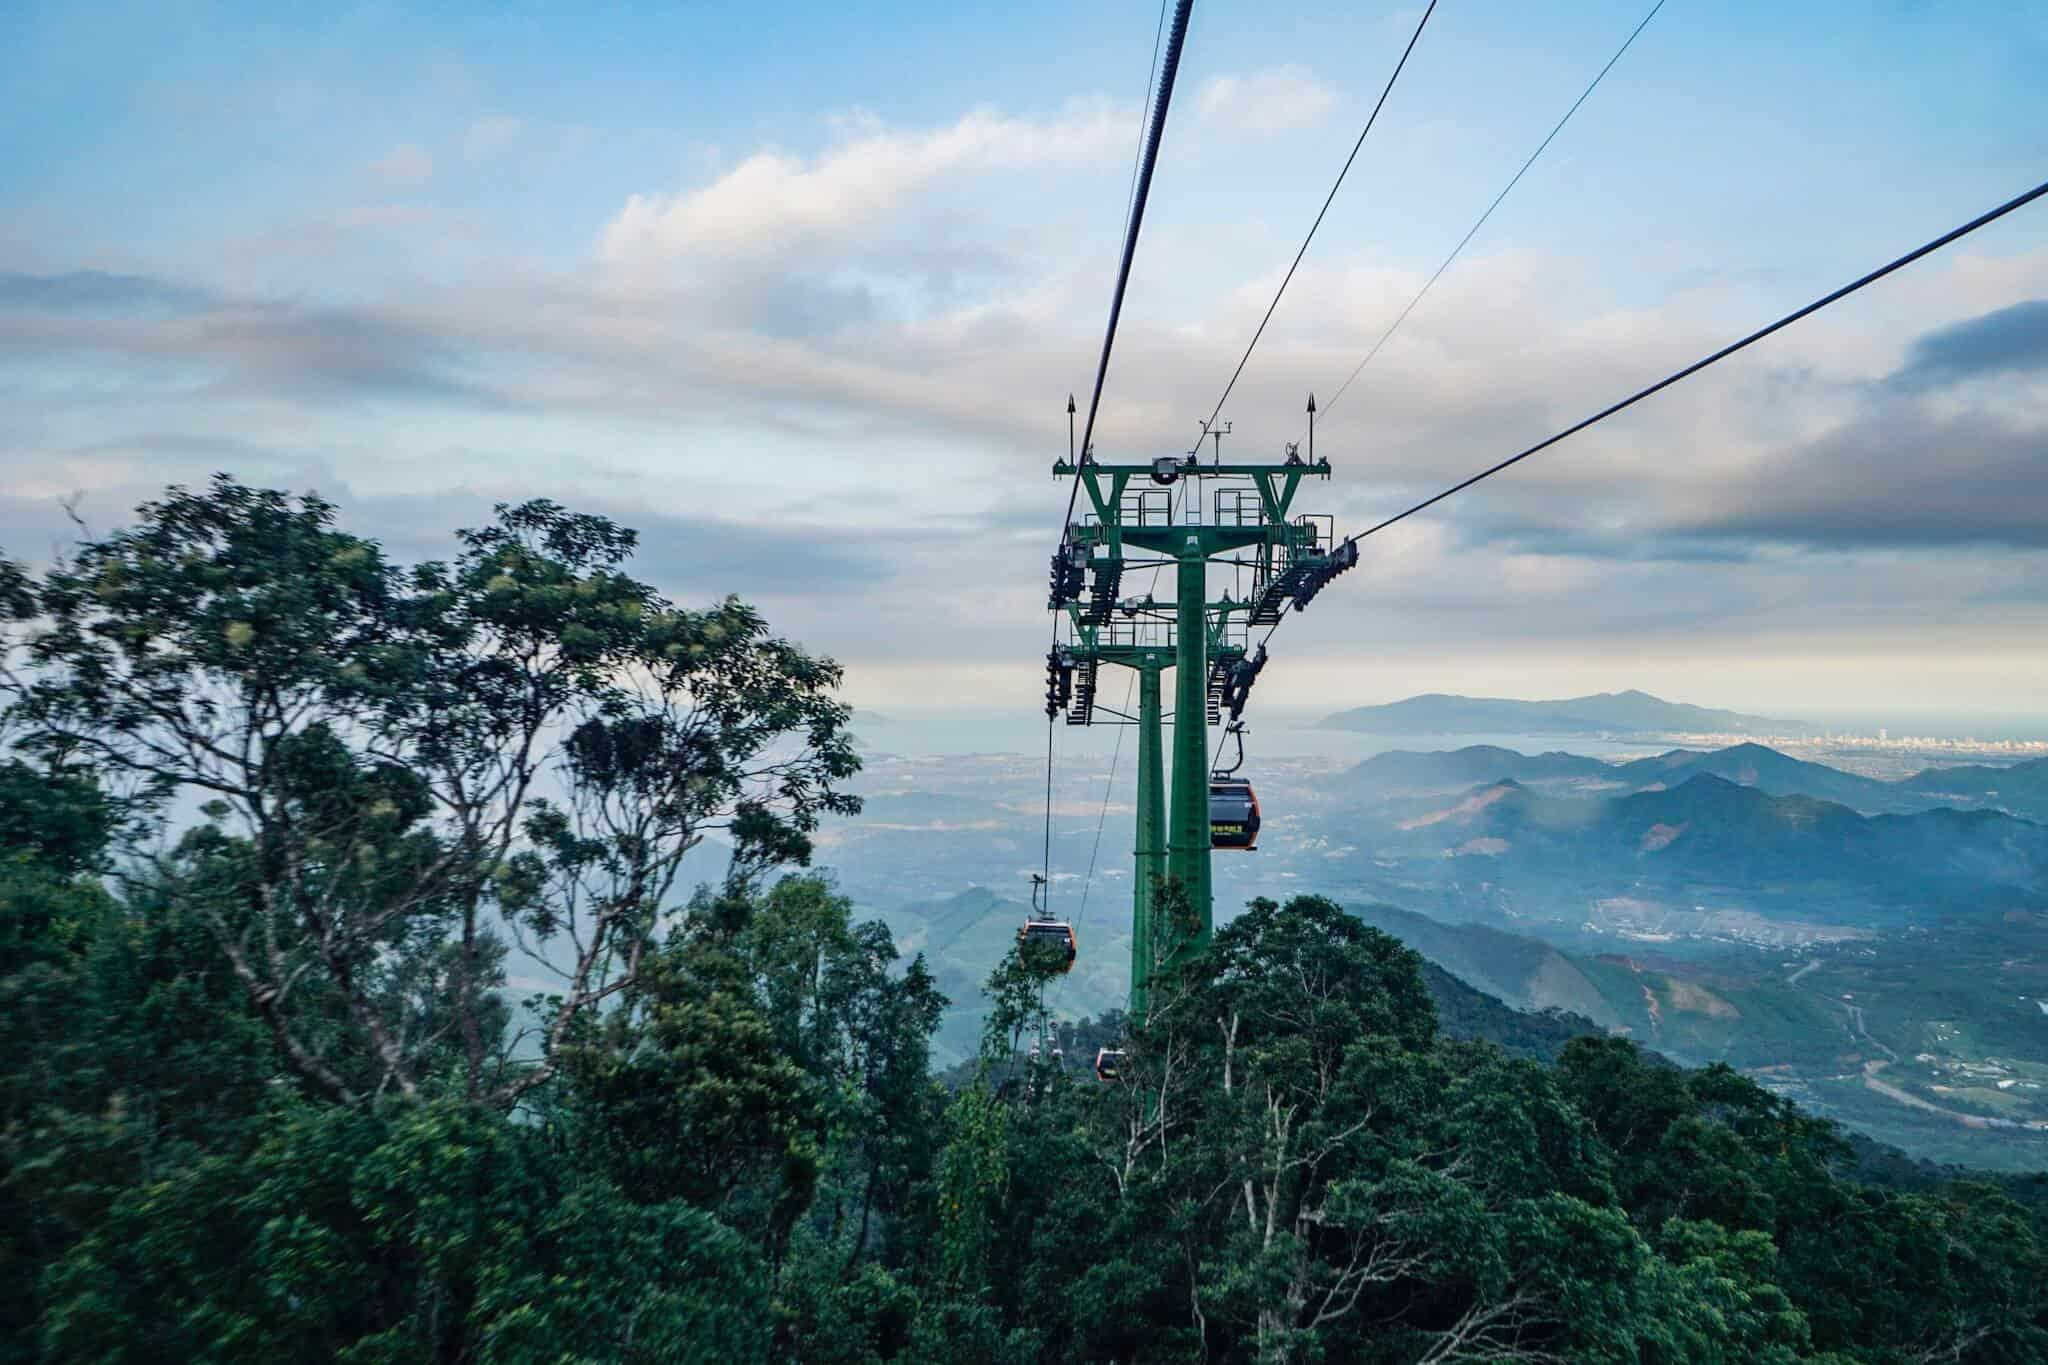 Da Nang Sunworld Cable Car 4